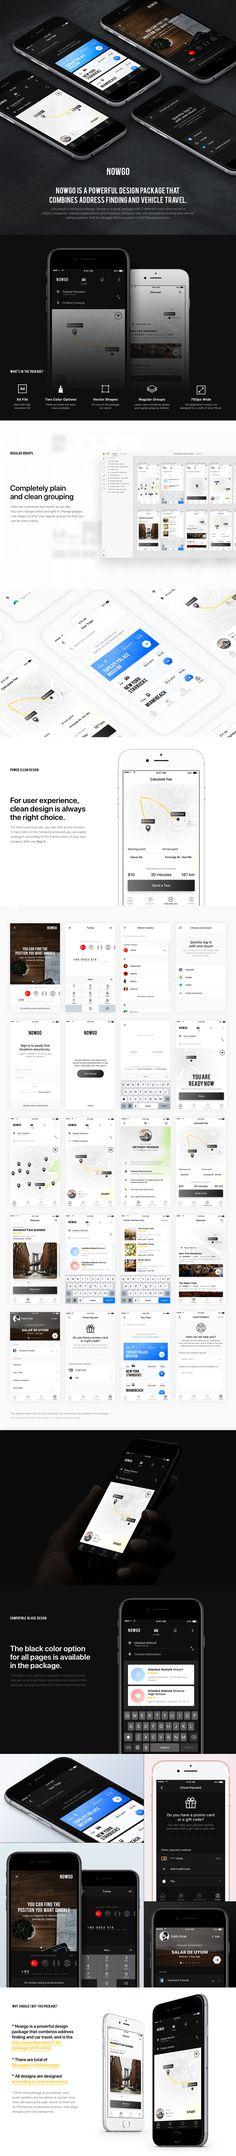 Nowgo UI Kit on Behance